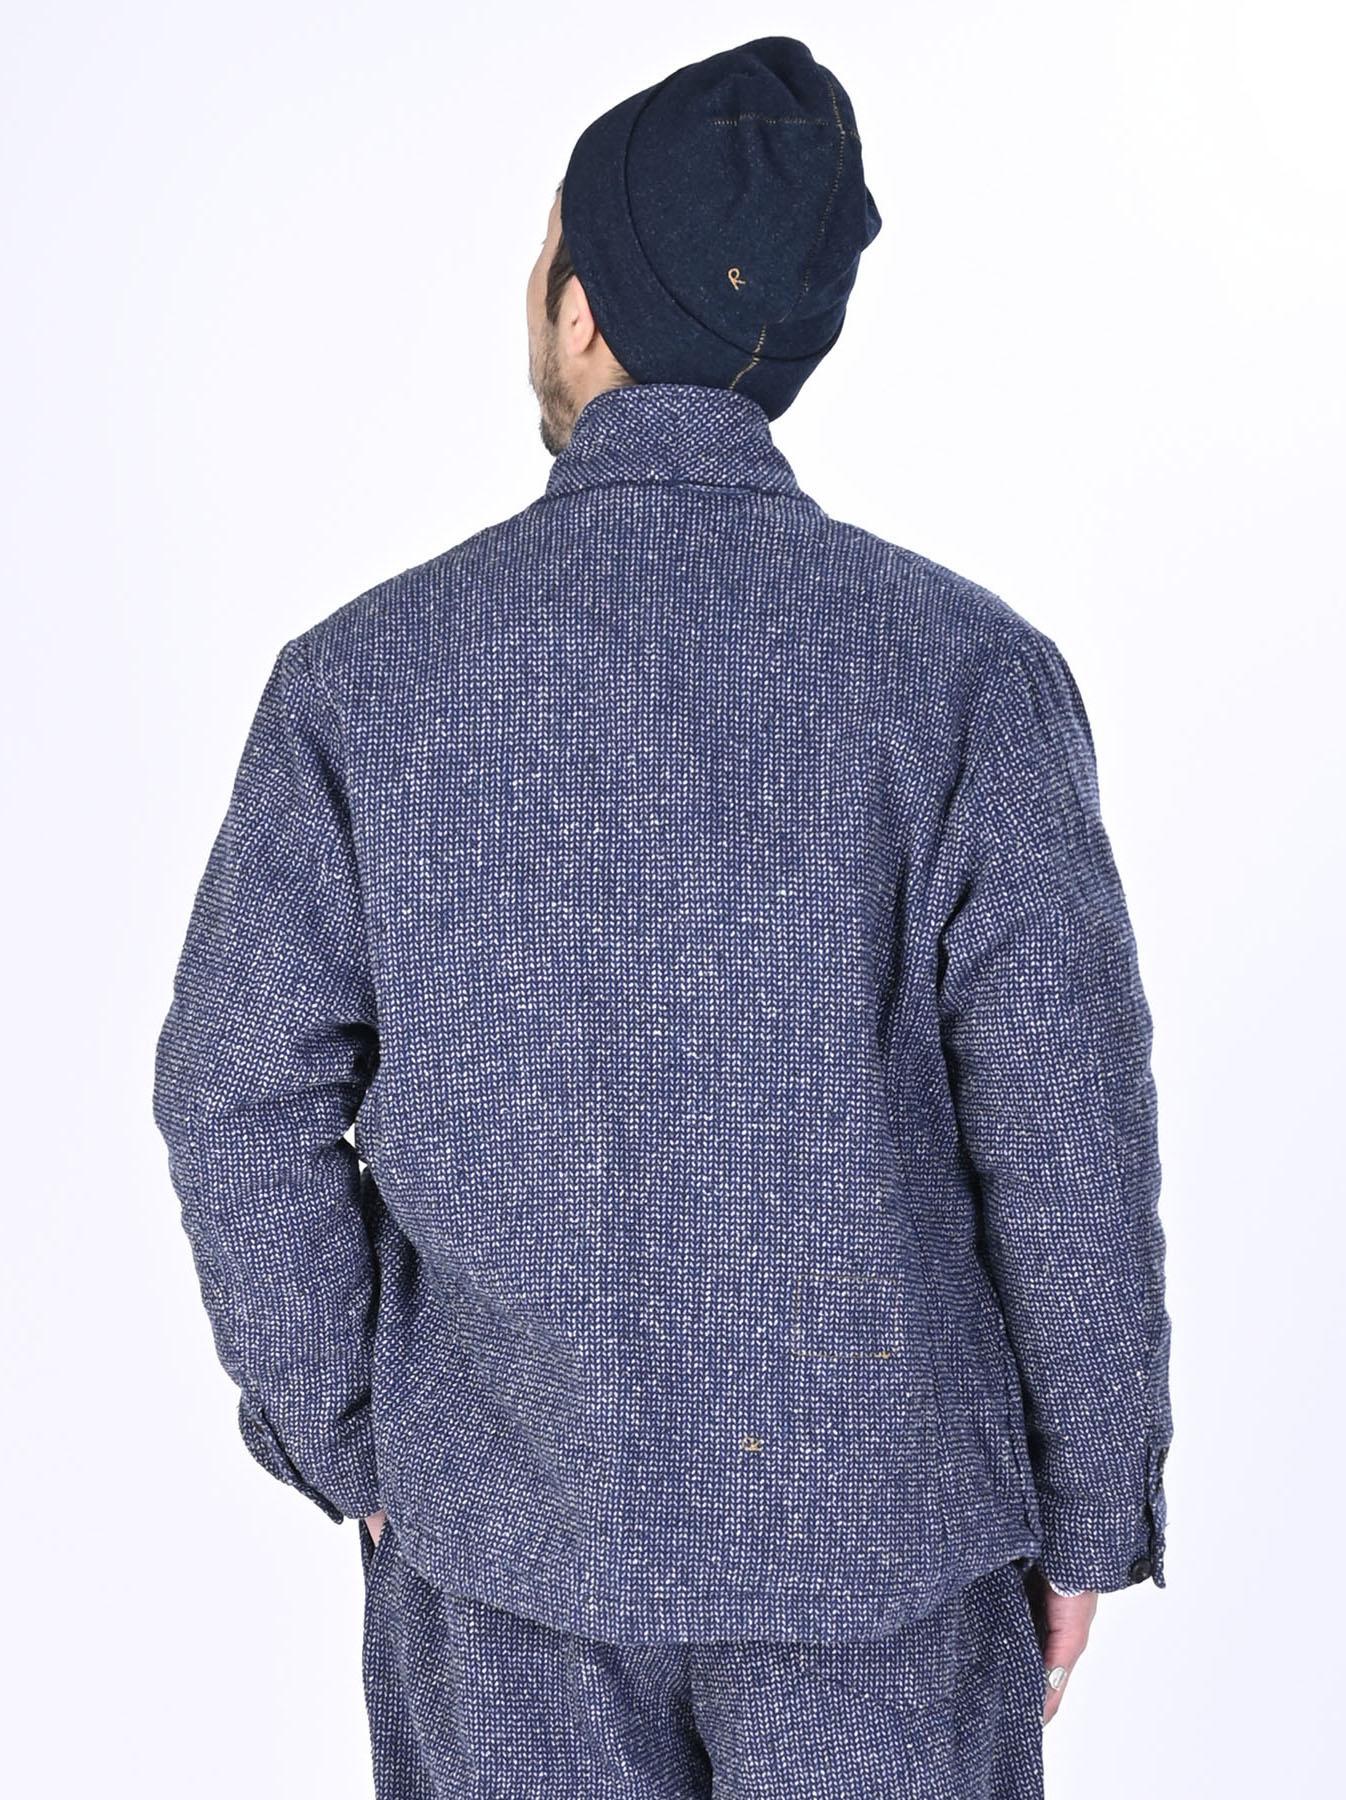 Homespun Indigo Cotton Tweed Asama Jacket-5